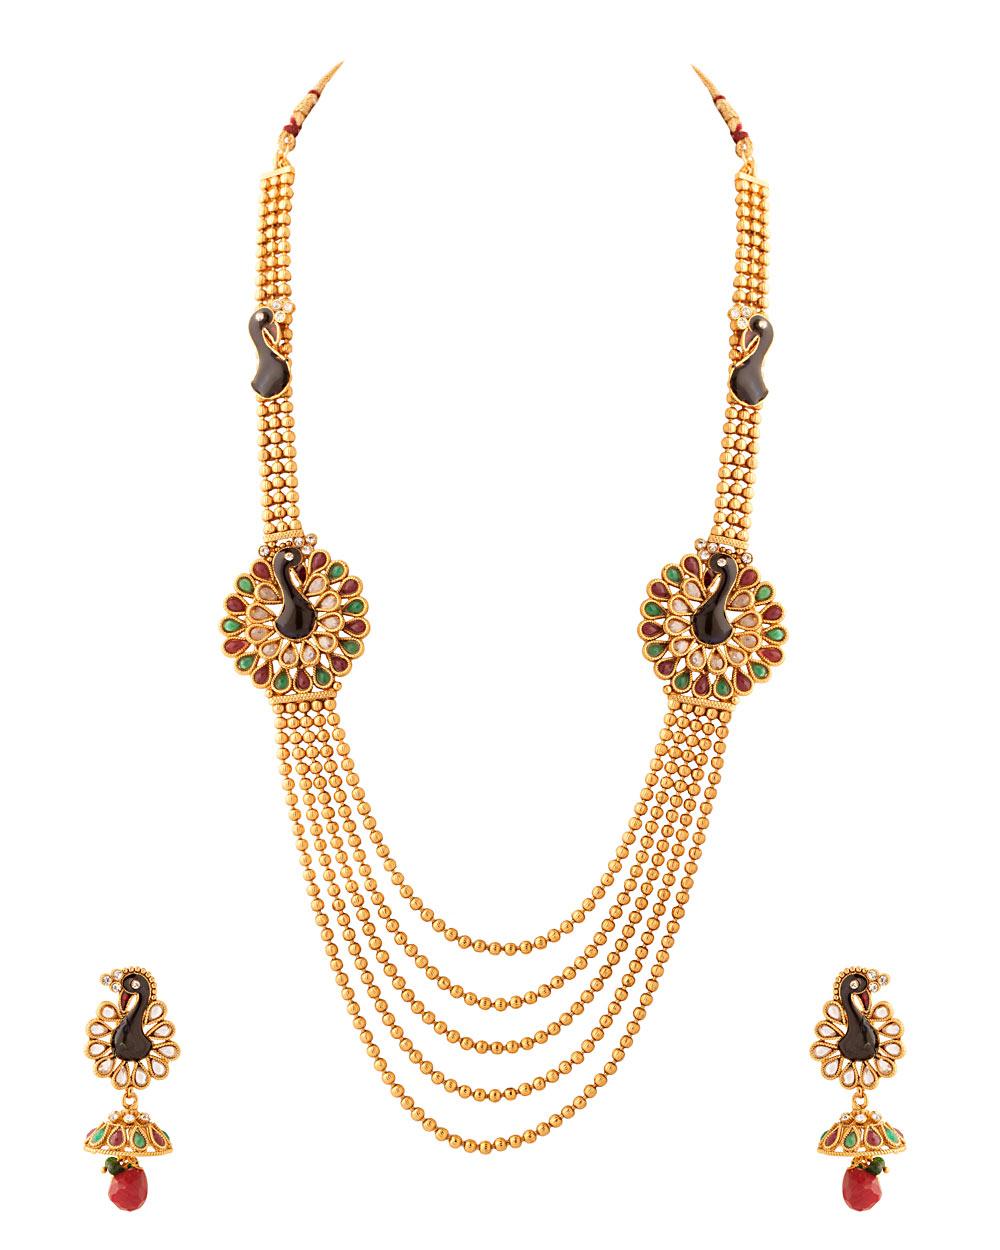 Buy Flower Motif Rani Haar Necklace Set Online India | Voylla